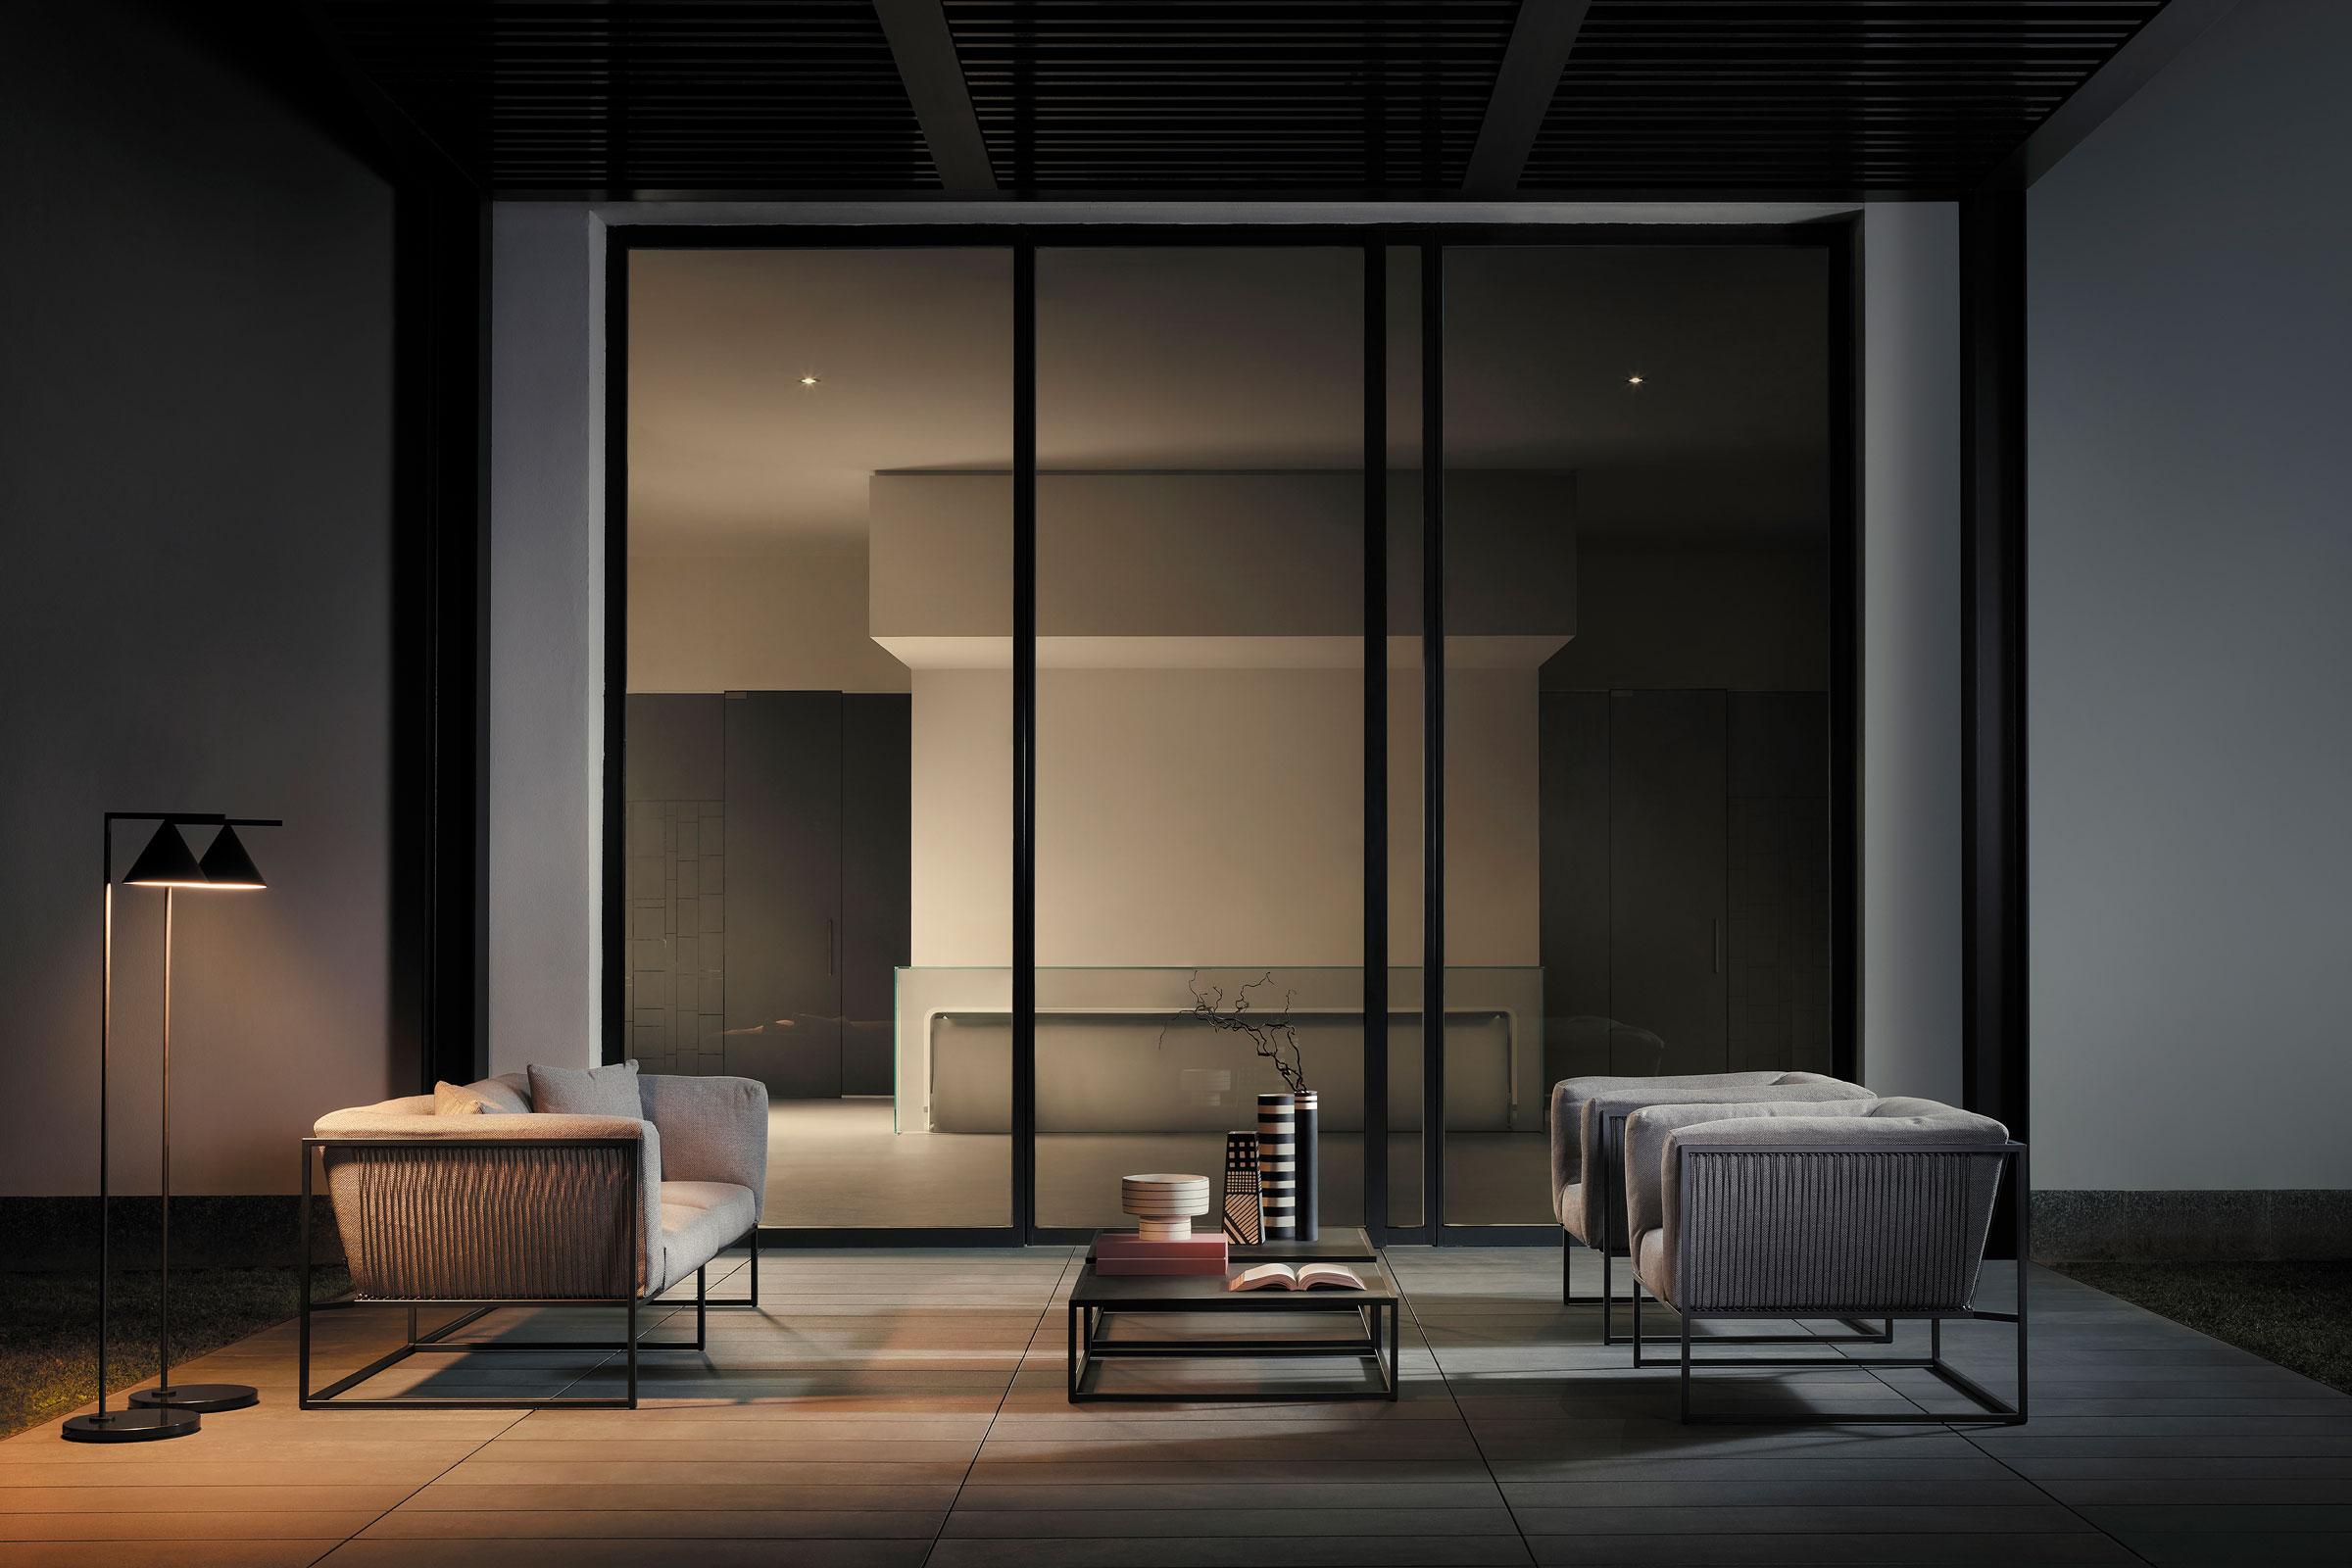 hauser-design-mdf-italia-outdoor-sofa-arpa-bei-nacht